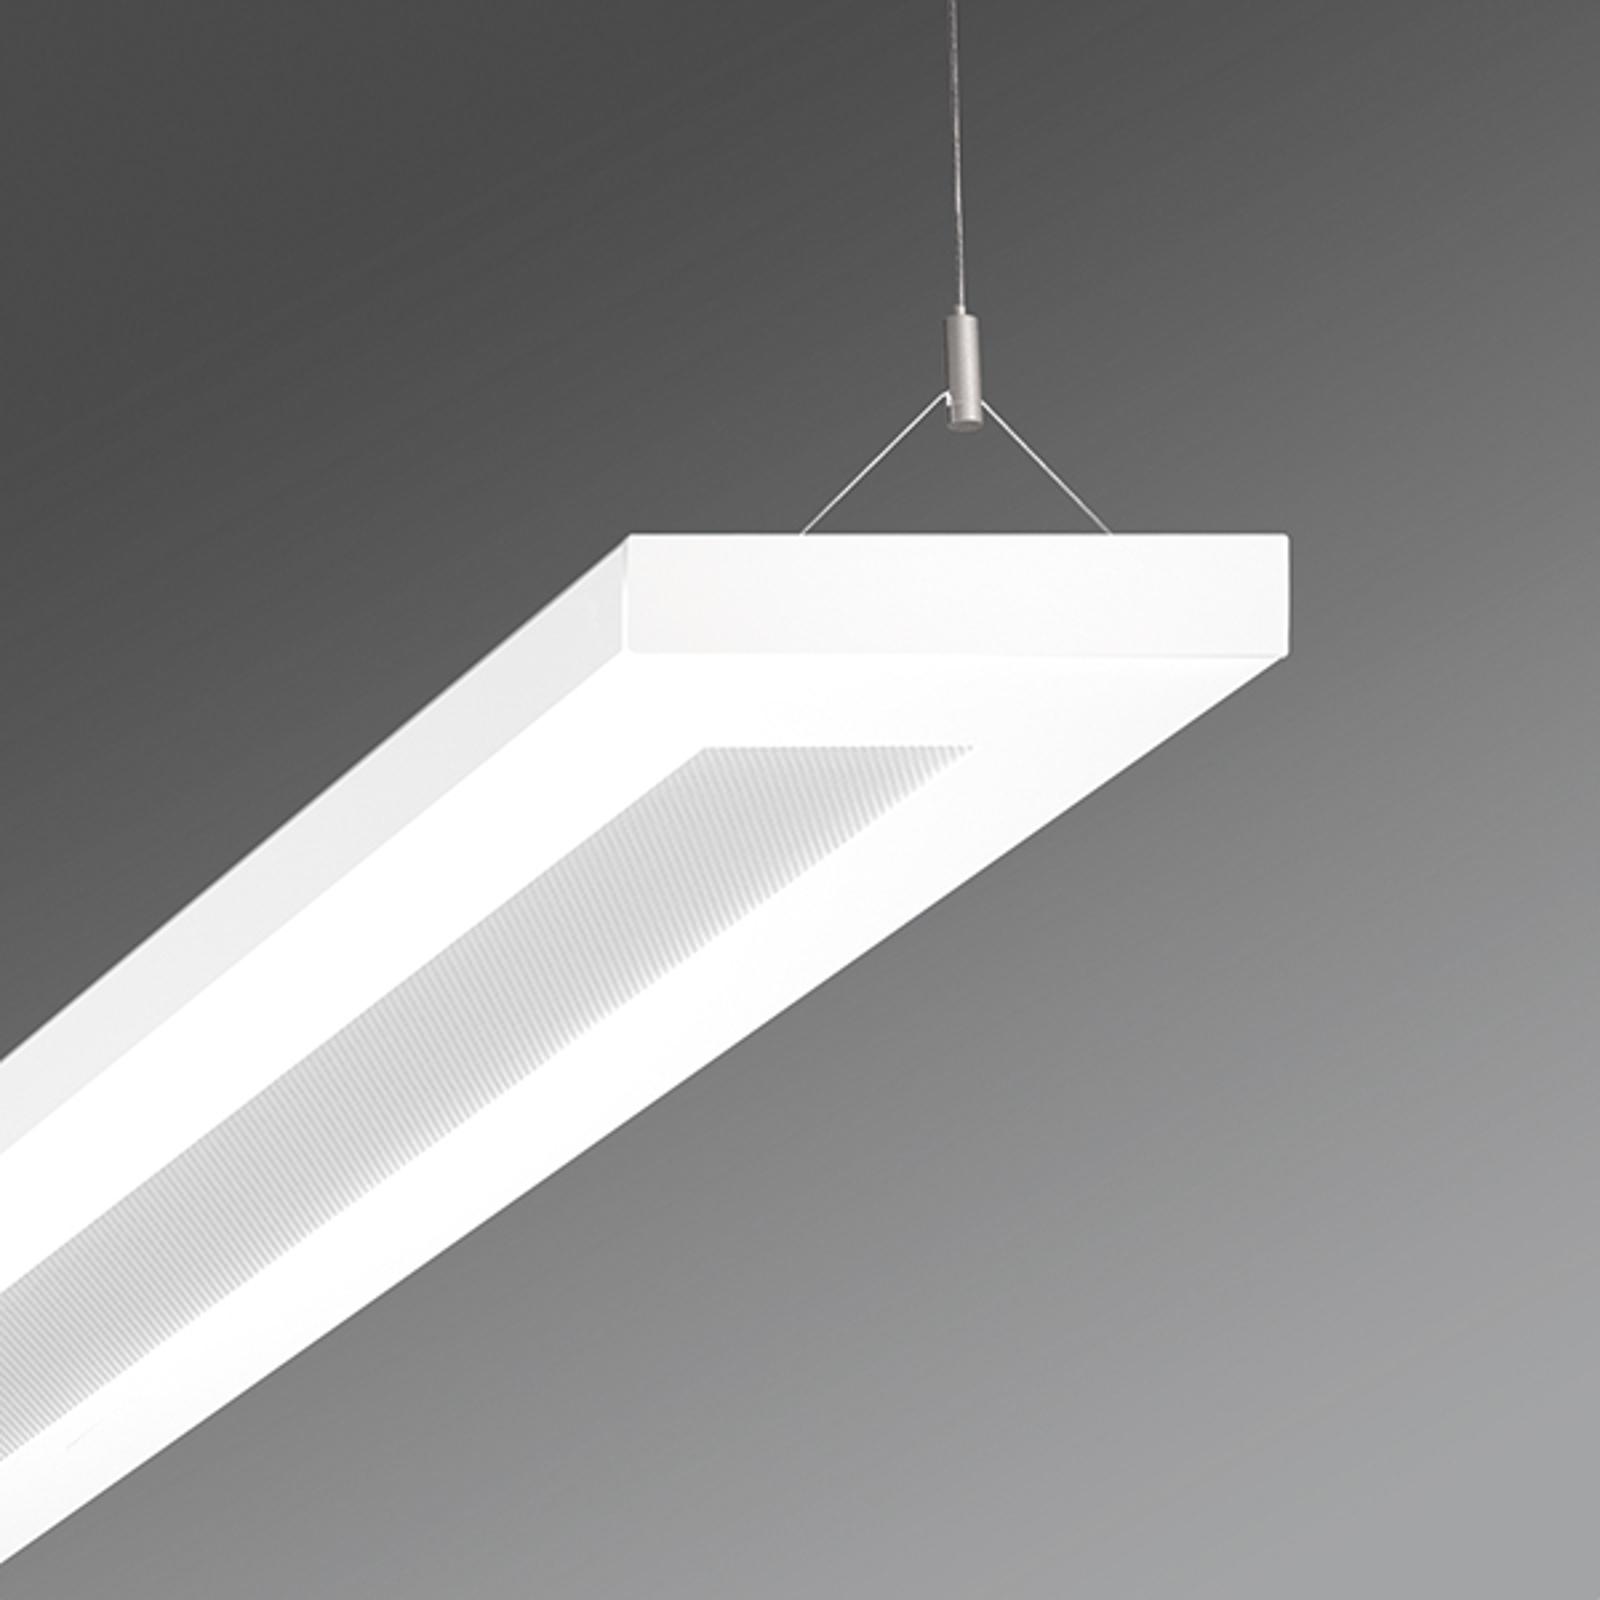 Lampa wisząca biurowa Stail mikropryzmat 52W biała